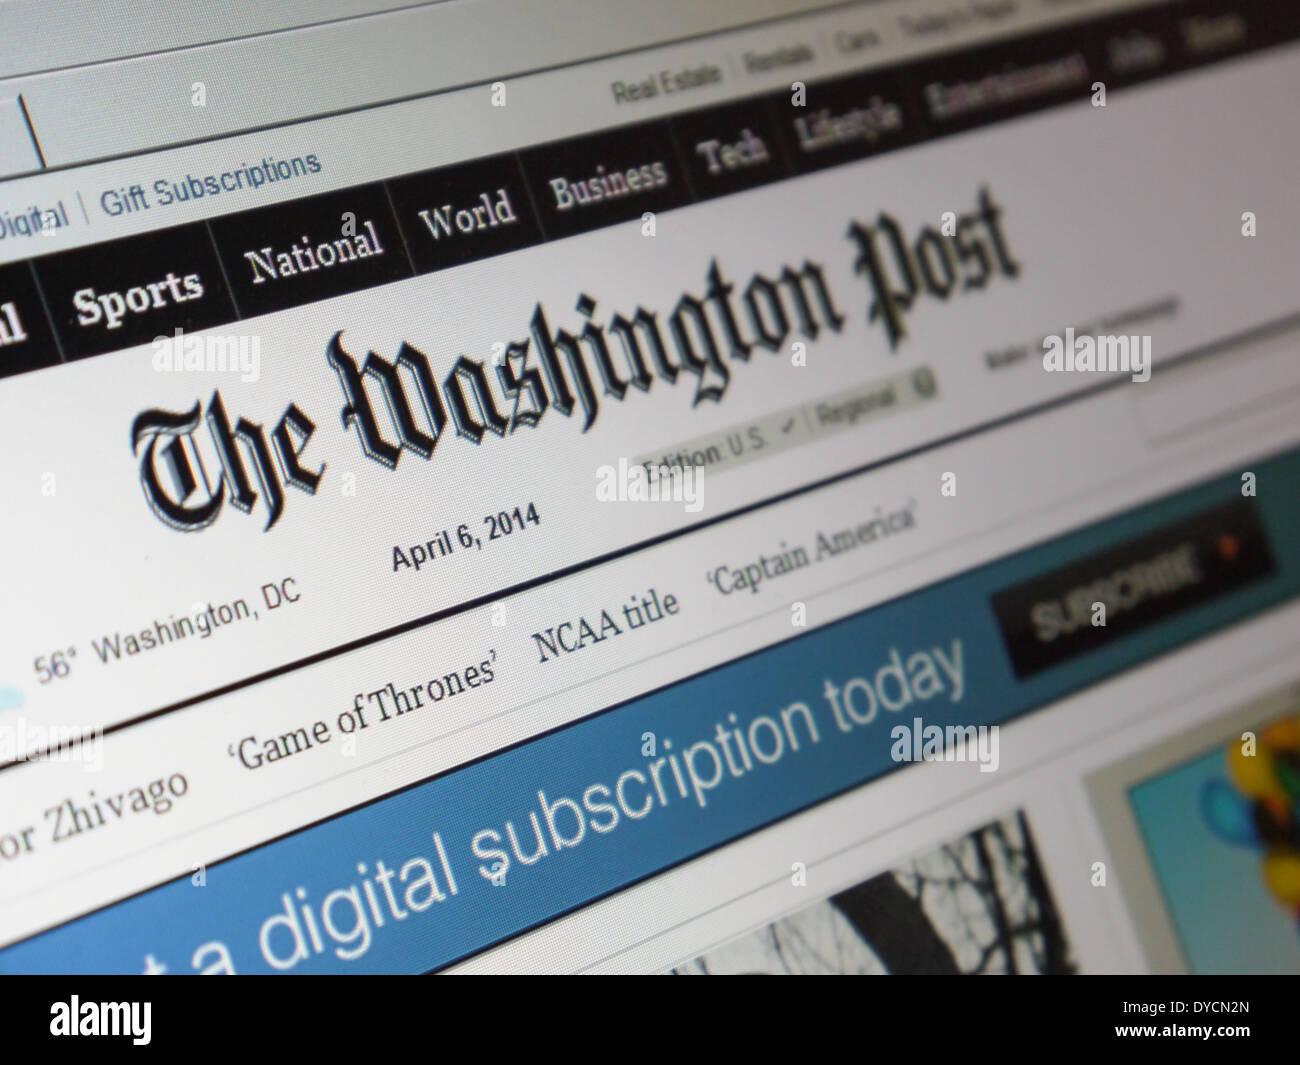 washington post website - Stock Image